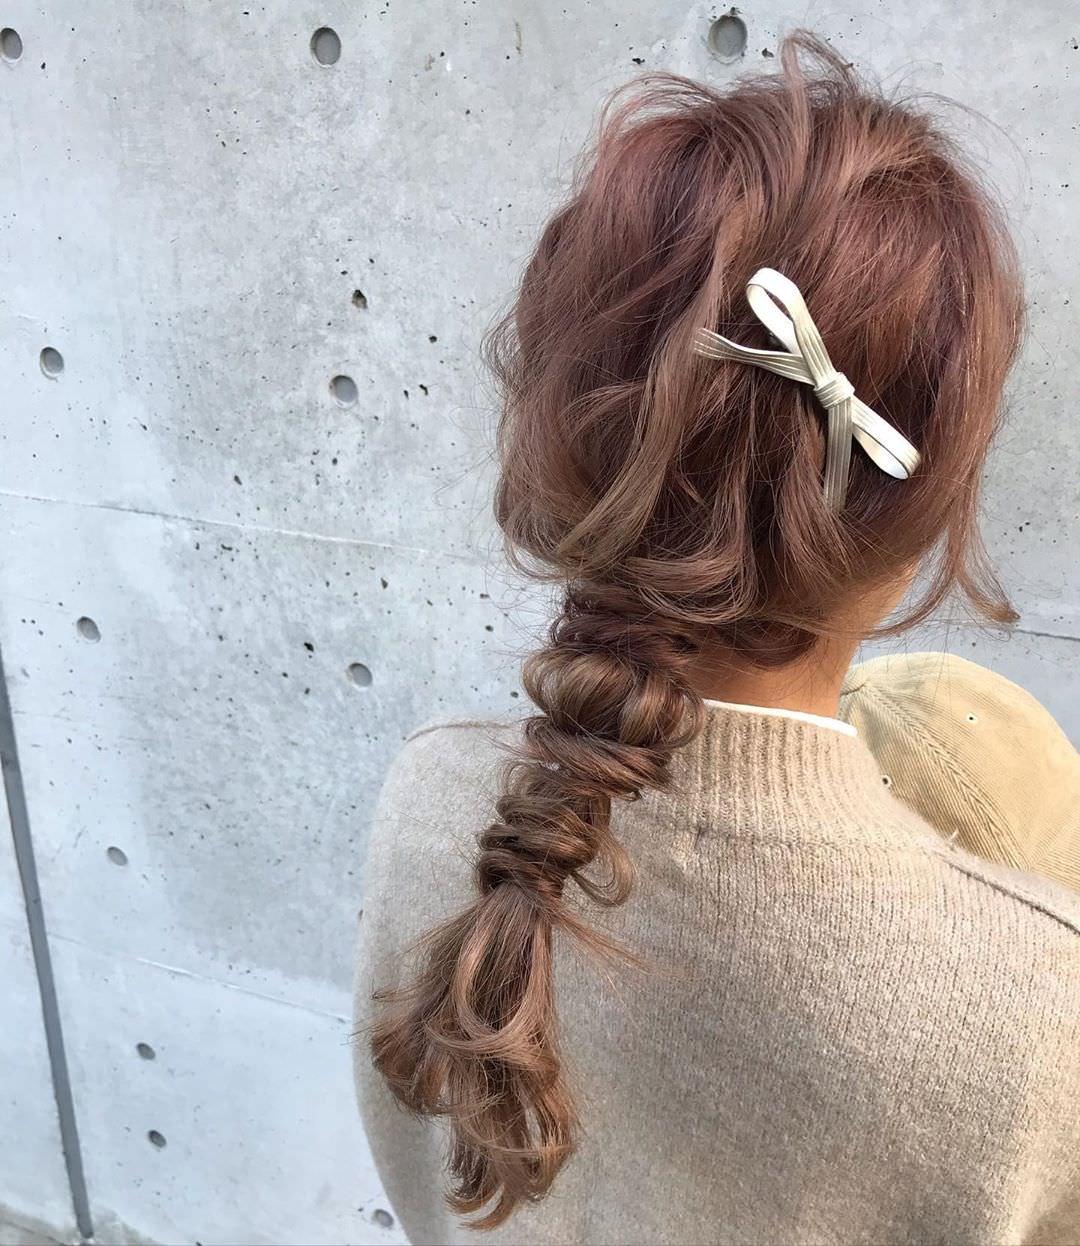 冬のニットは無敵に可愛い♡今季ニットと合わせたいヘアアレンジ♪ 7